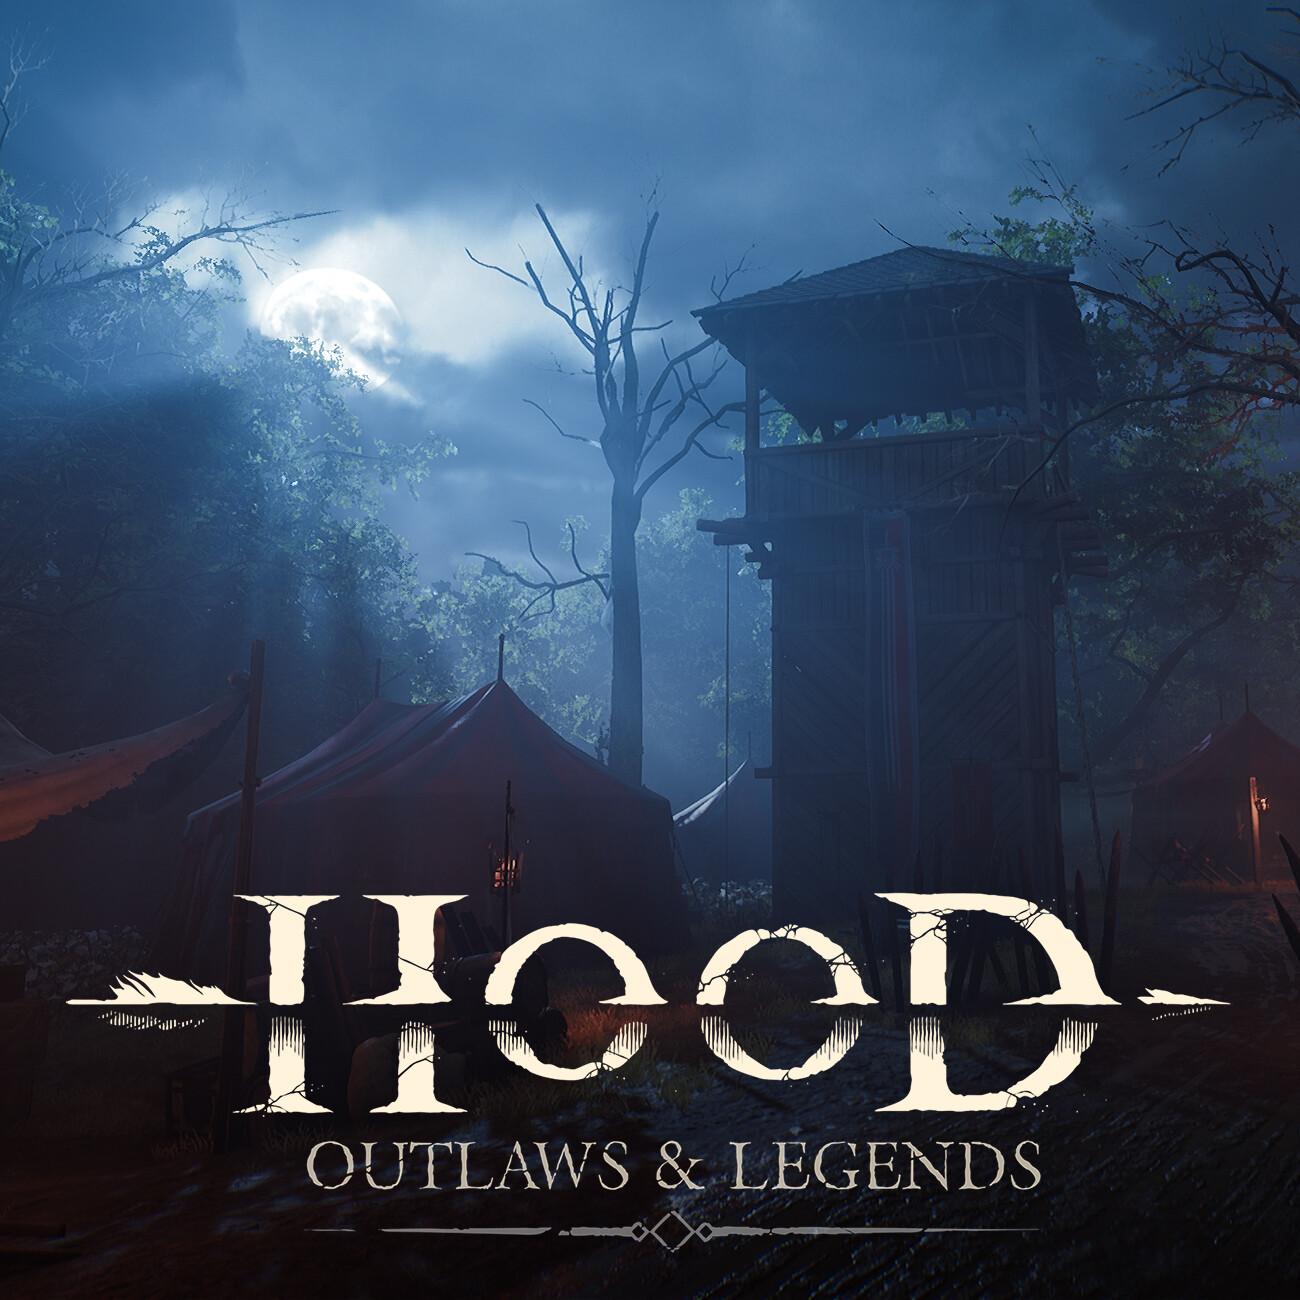 Hood: Outlaws & Legends - Citadel Lighting